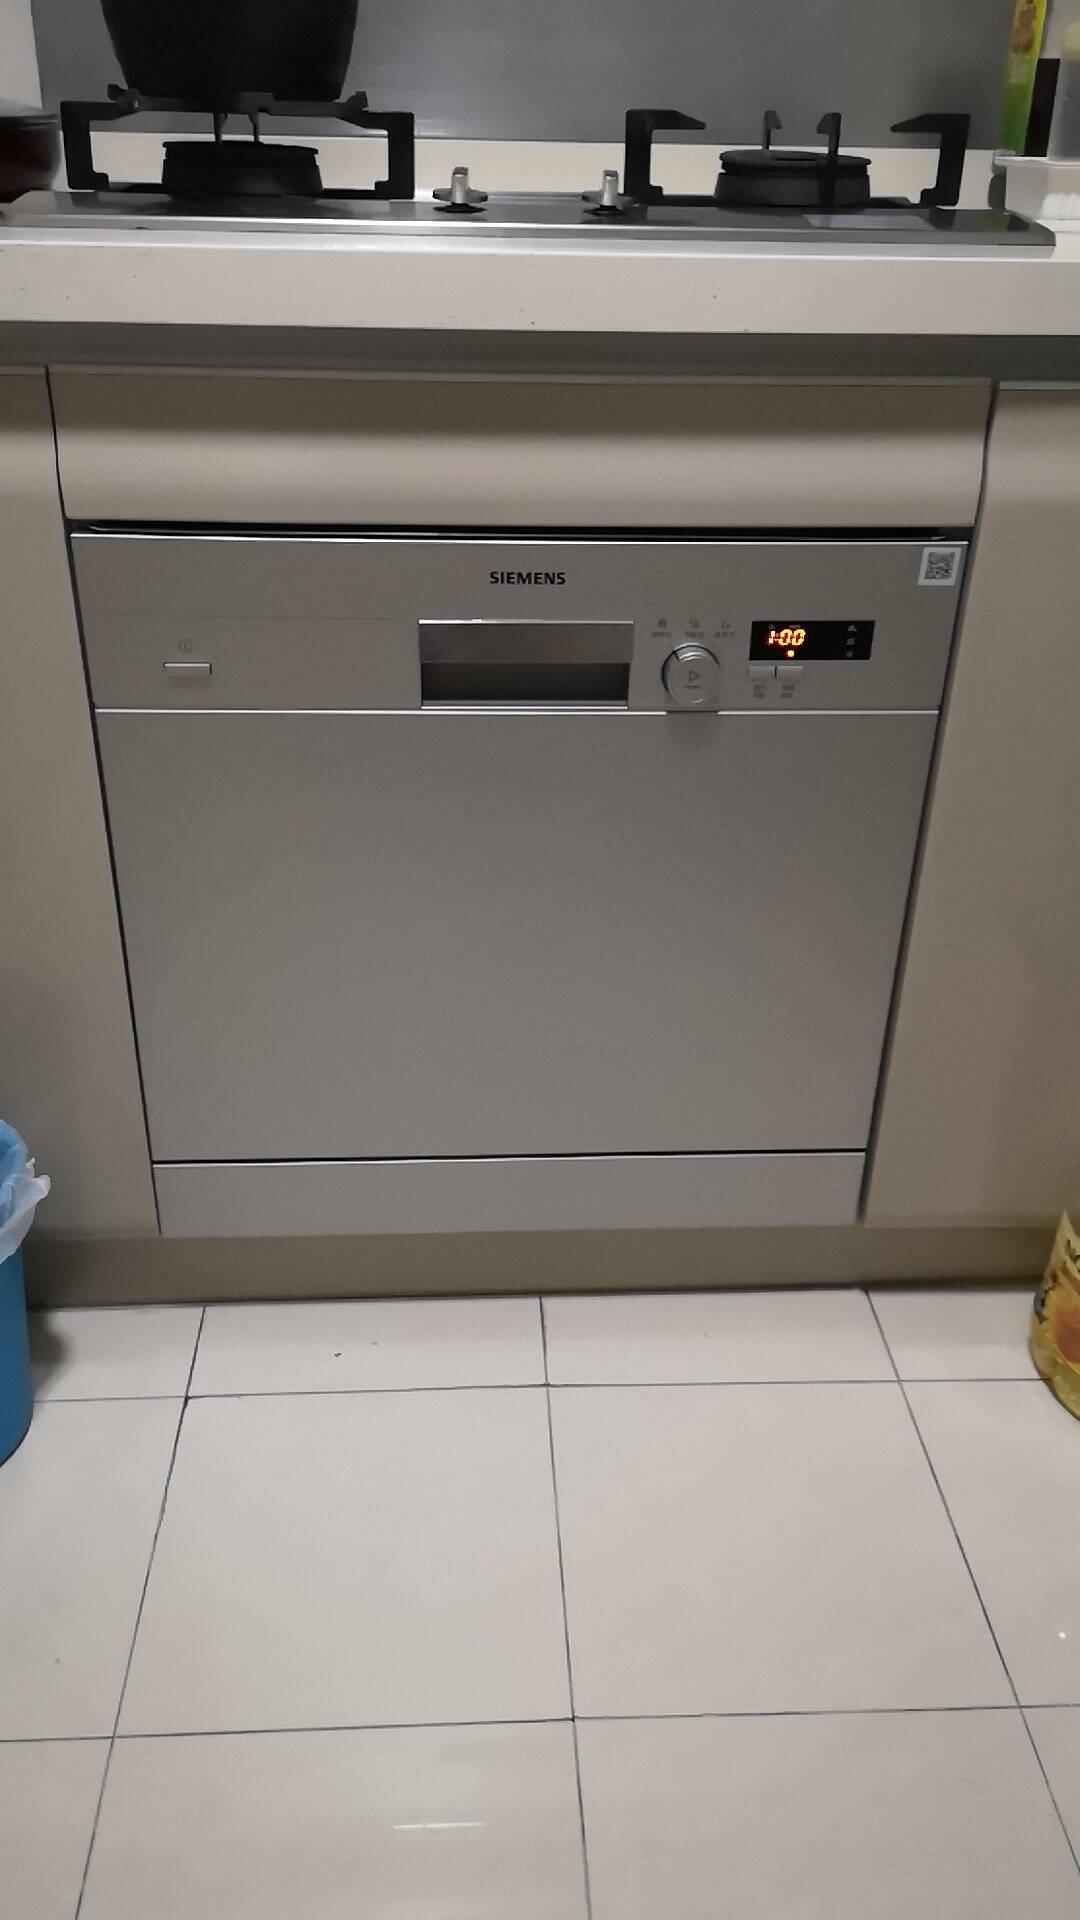 西门子(SIEMENS)全自动家用嵌入式洗碗机原装进口高温除菌消毒加强烘干不锈钢色8套SC454I00AC